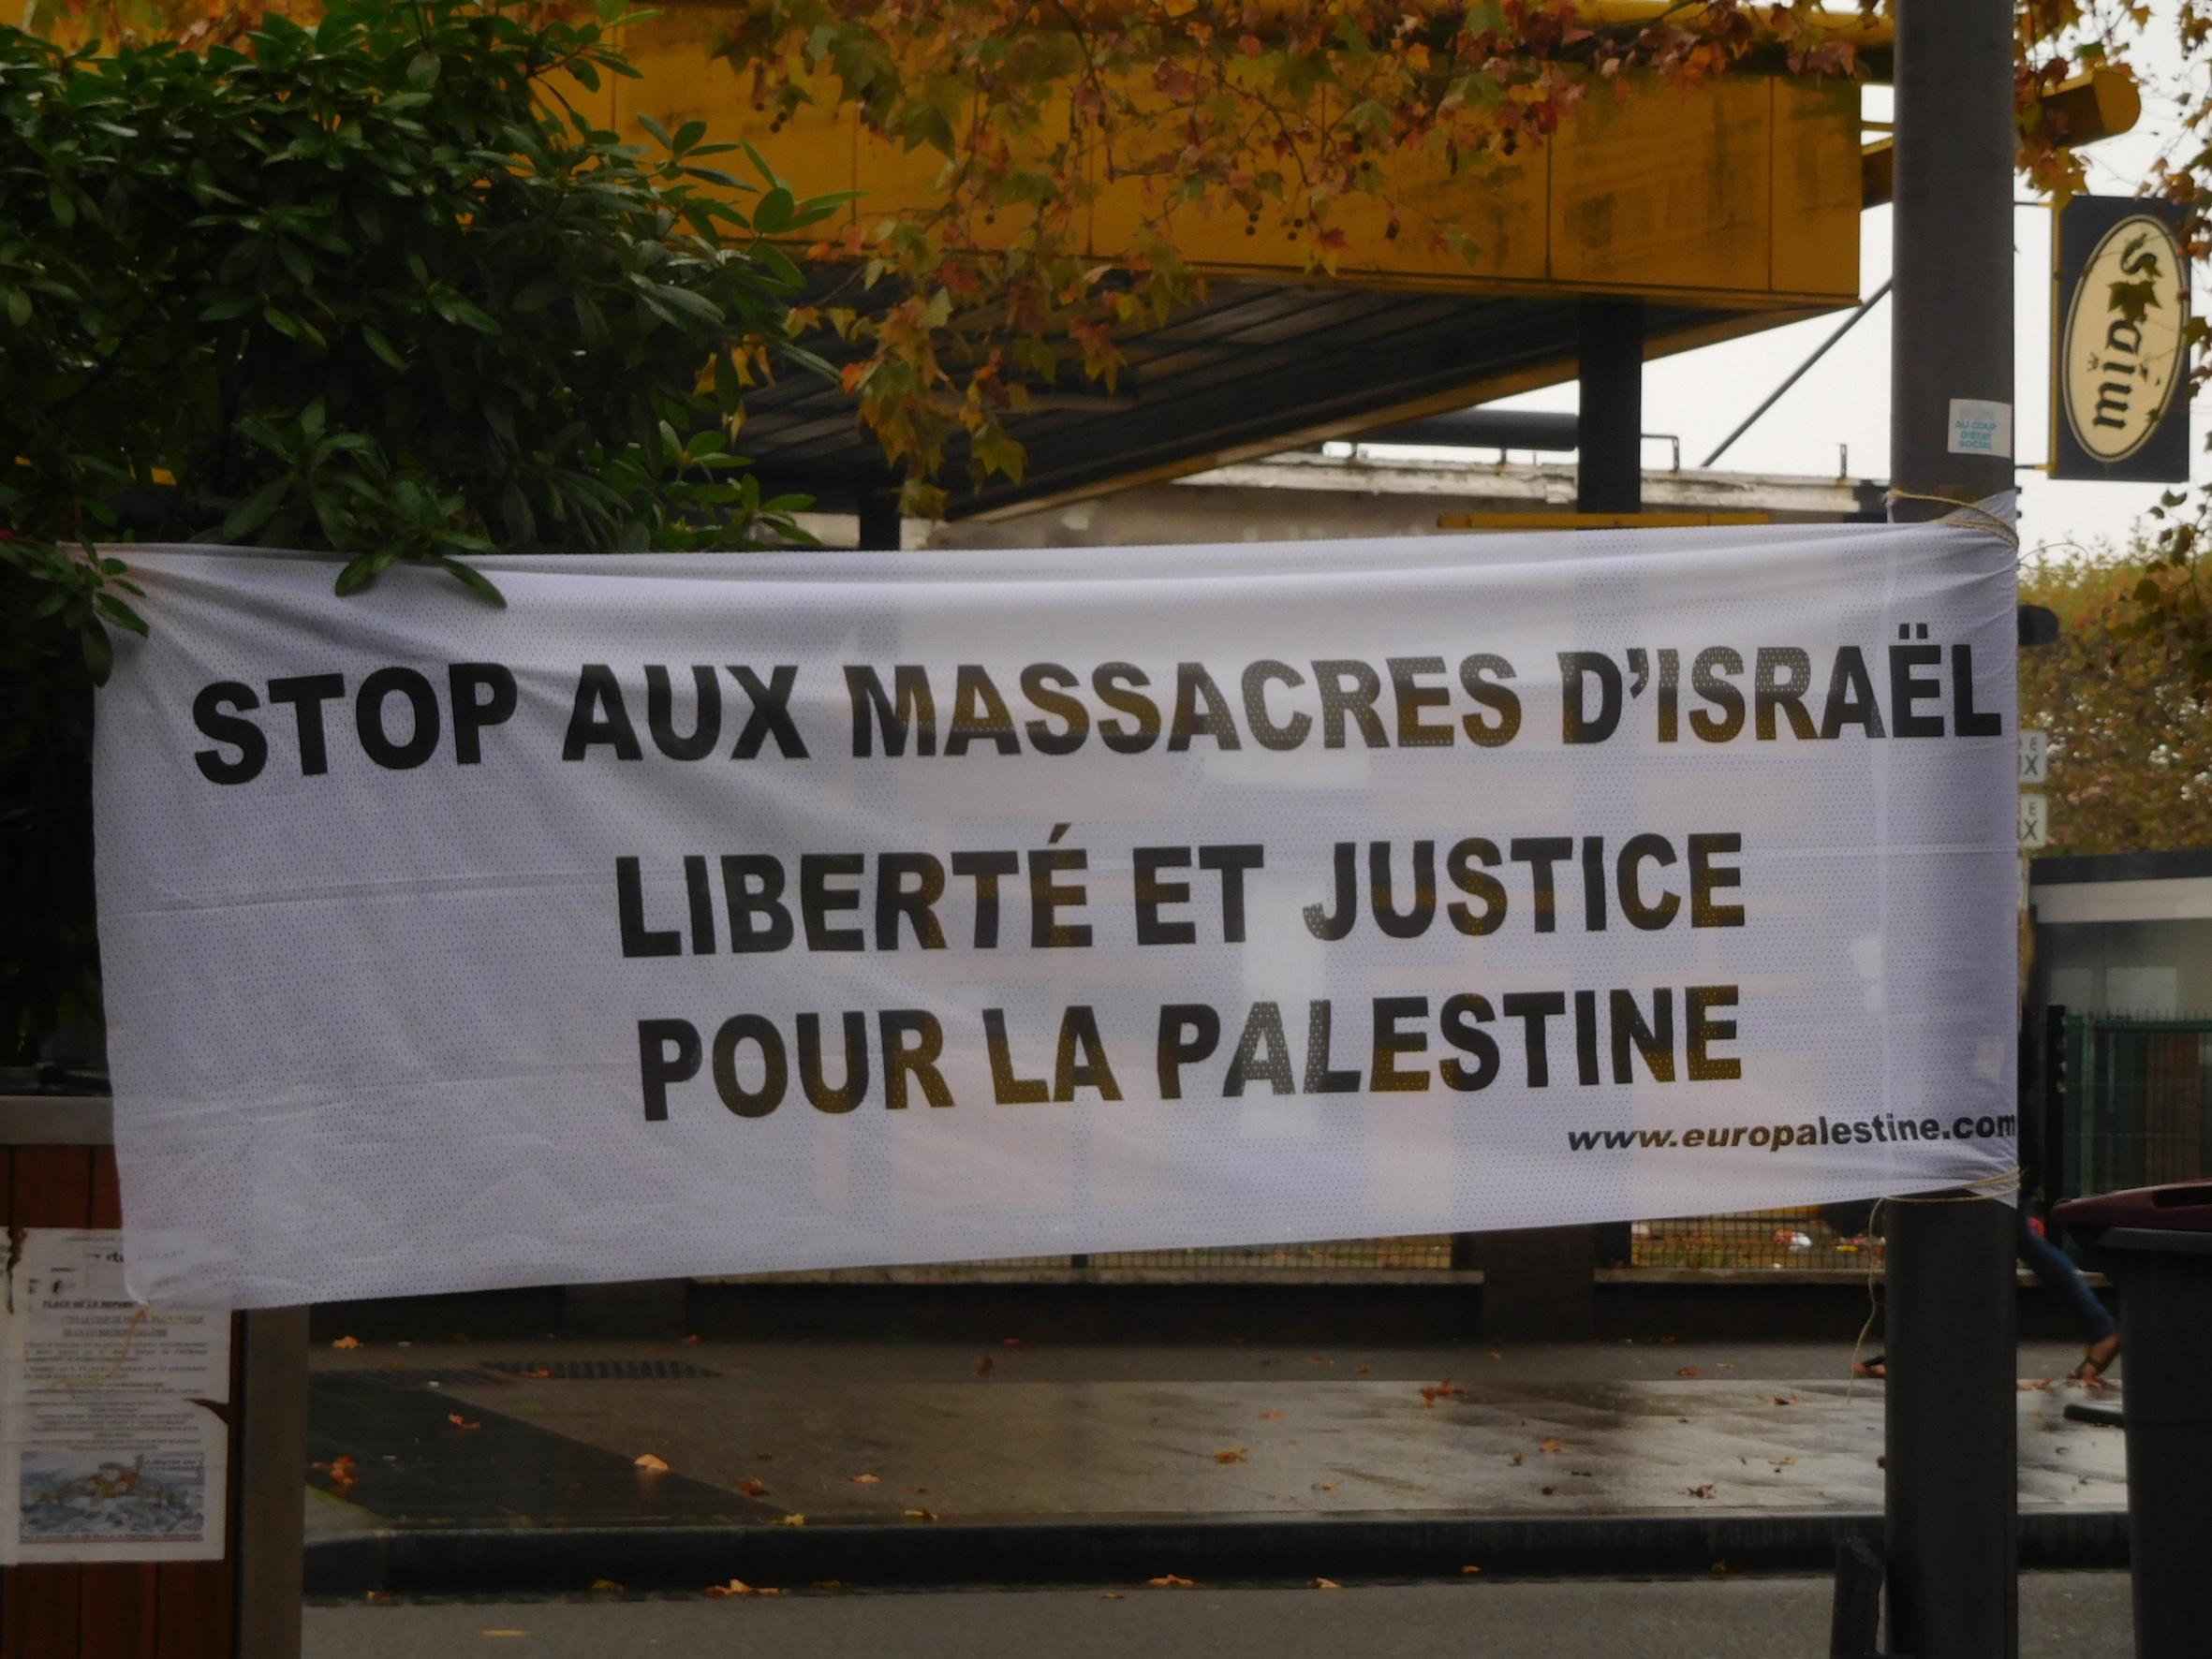 banderoe_roubaix_stop_aux_massacres.jpg